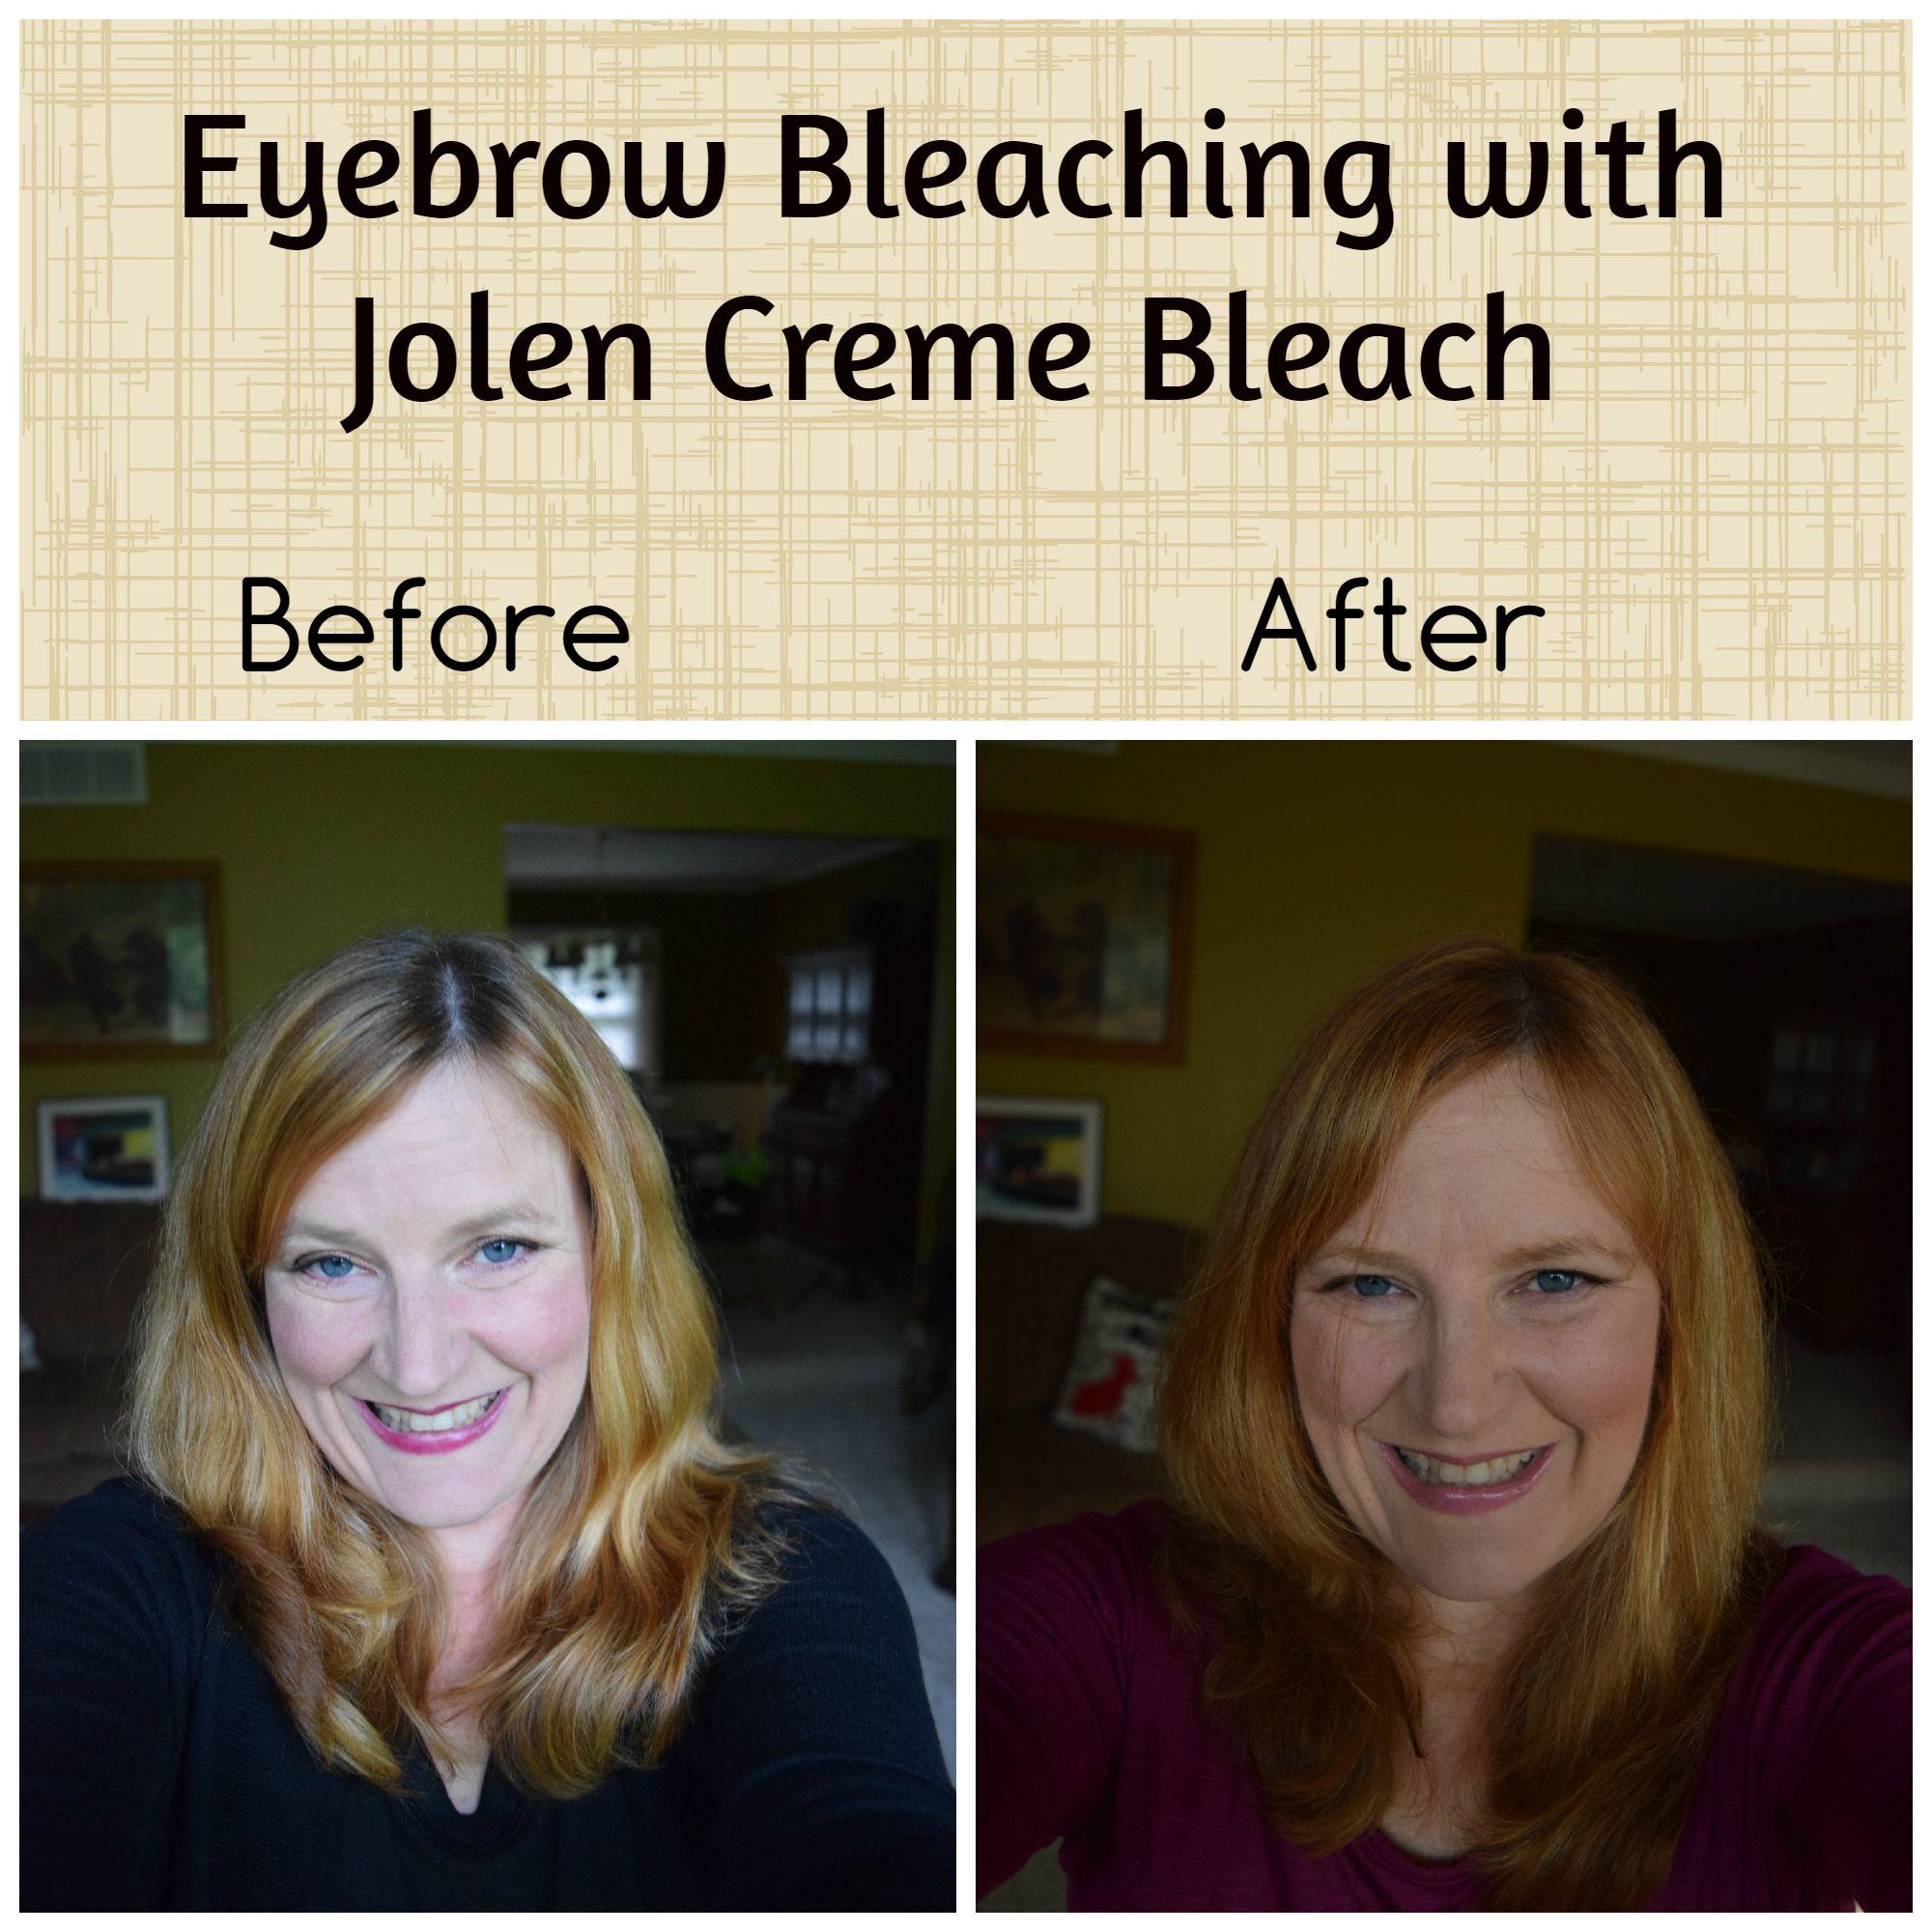 Eyebrow Bleaching With Jolen Creme Bleach Beauty Tech And Gadgets